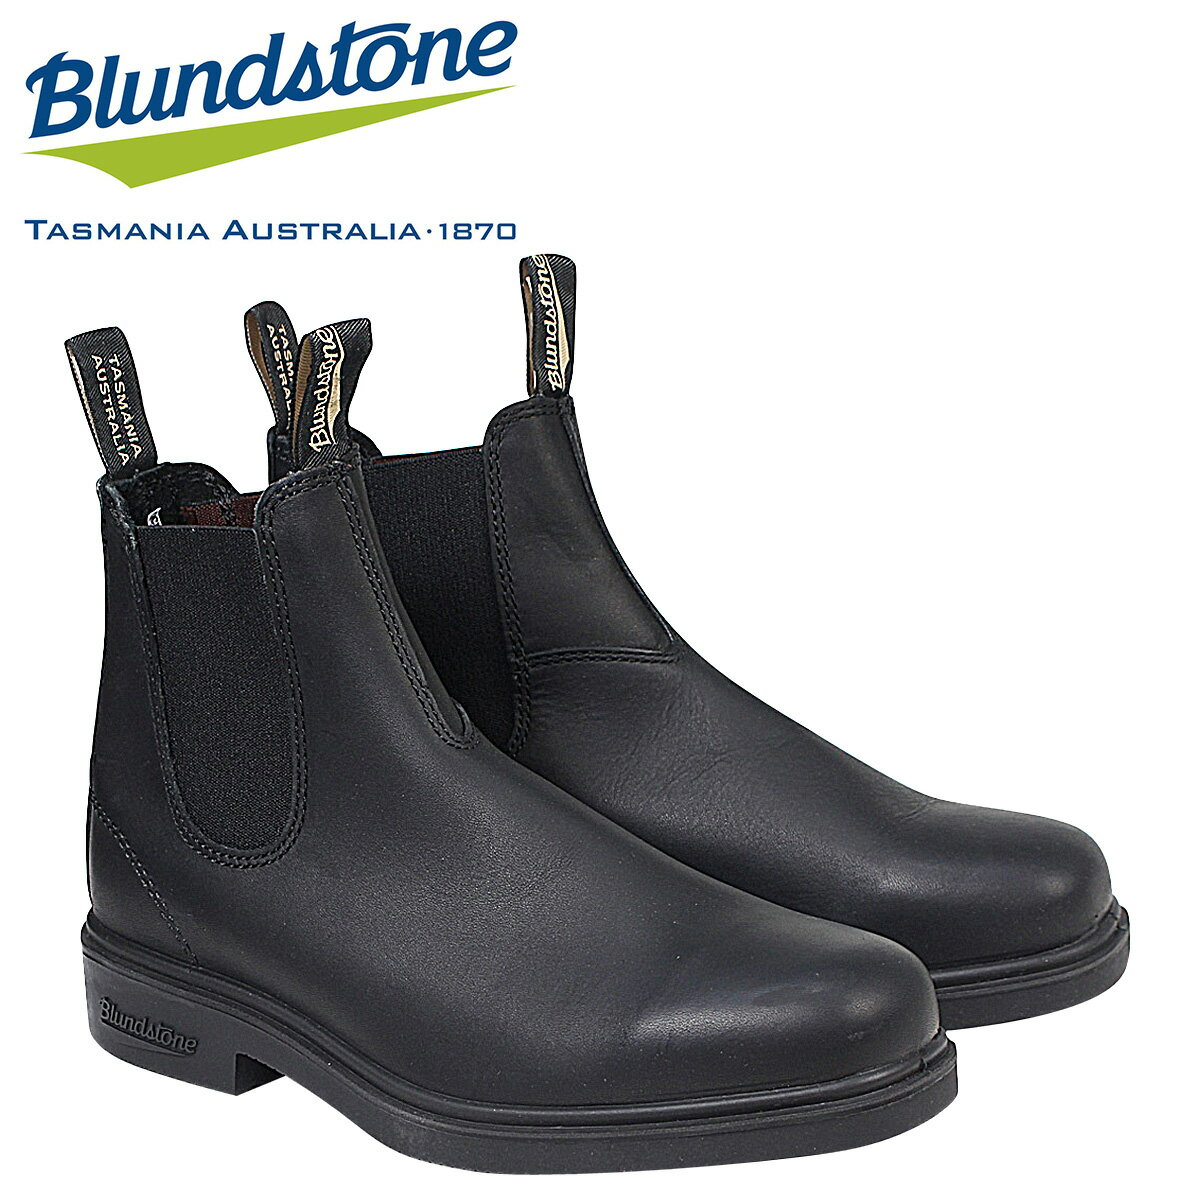 ブランドストーン Blundstone サイドゴア メンズ ブーツ DRESS CHELSEA BOOTS 063 ブラック